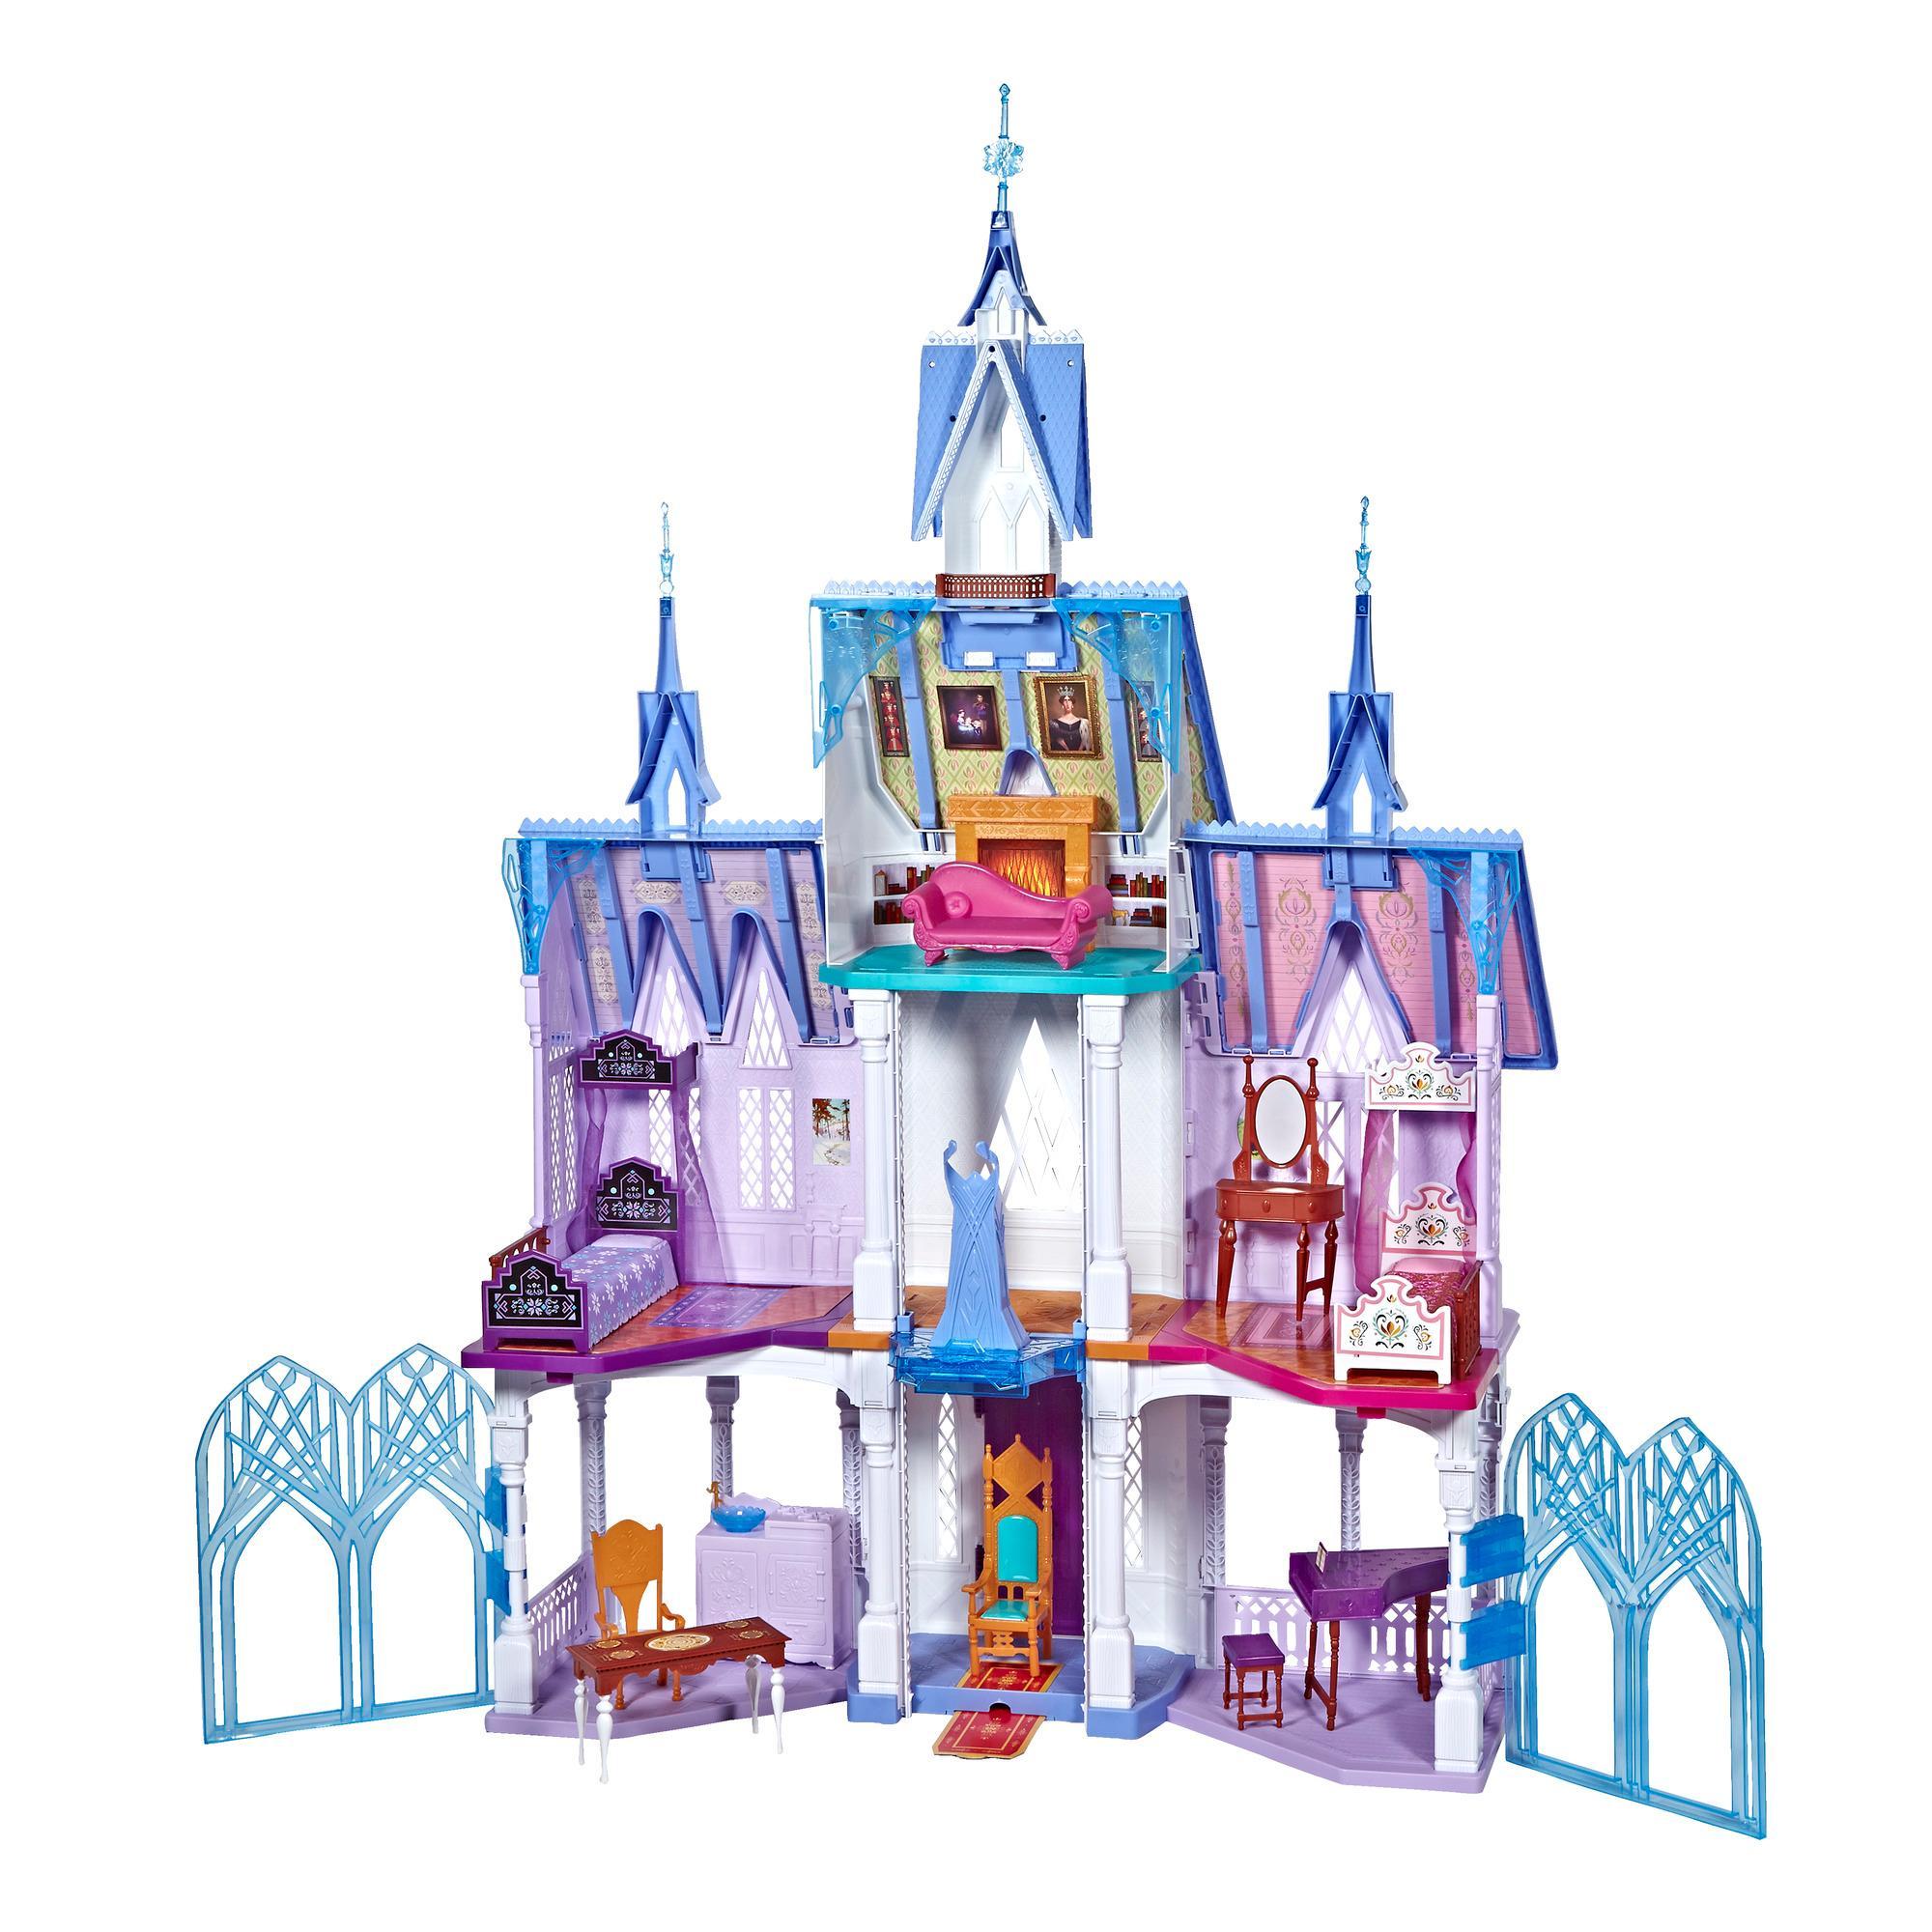 Μεγάλο Πριγκηπικό Κάστρο της Αρεντέλλας